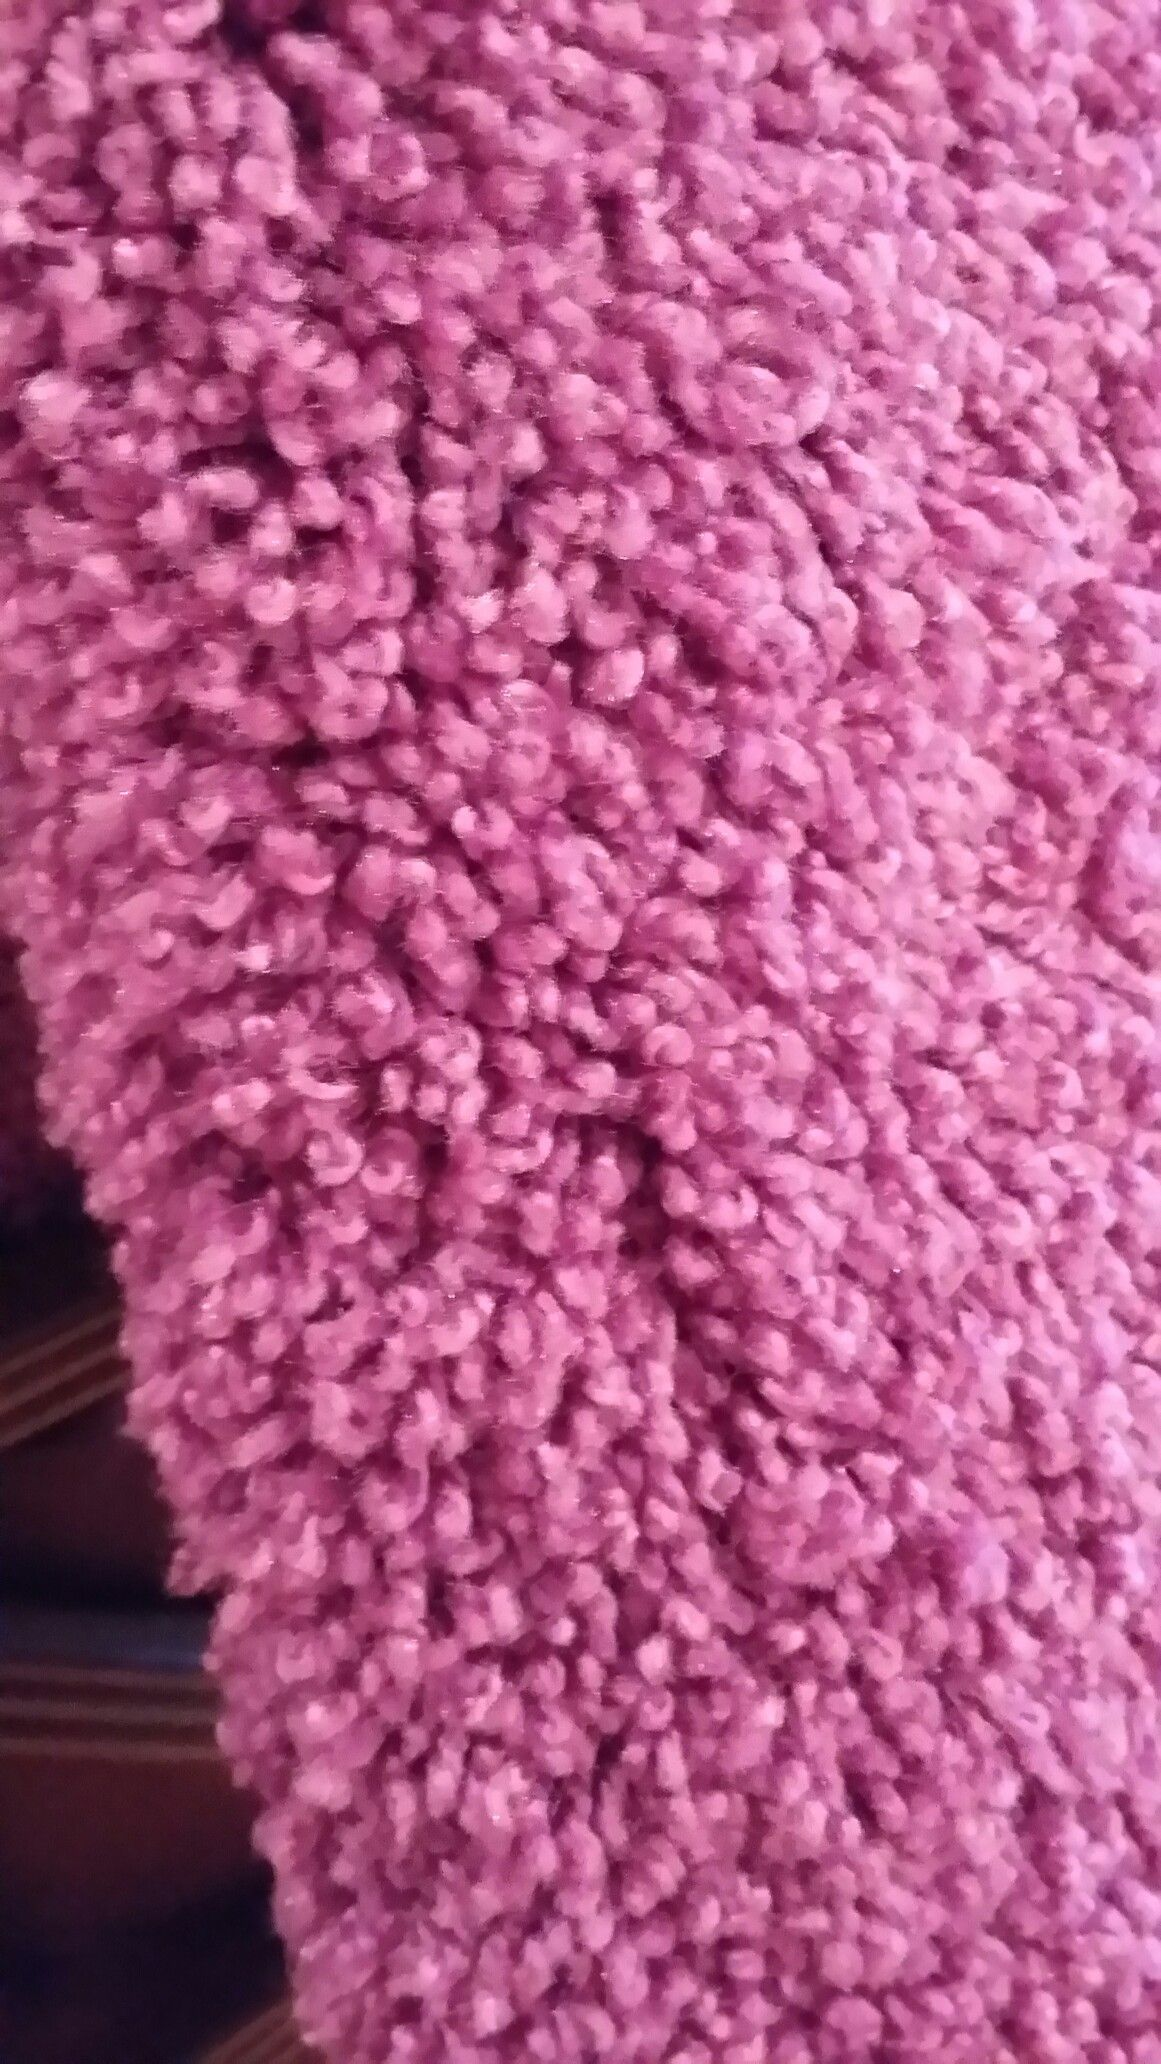 Dorm Room Rugs: Pink Bathroom Rug From Target.